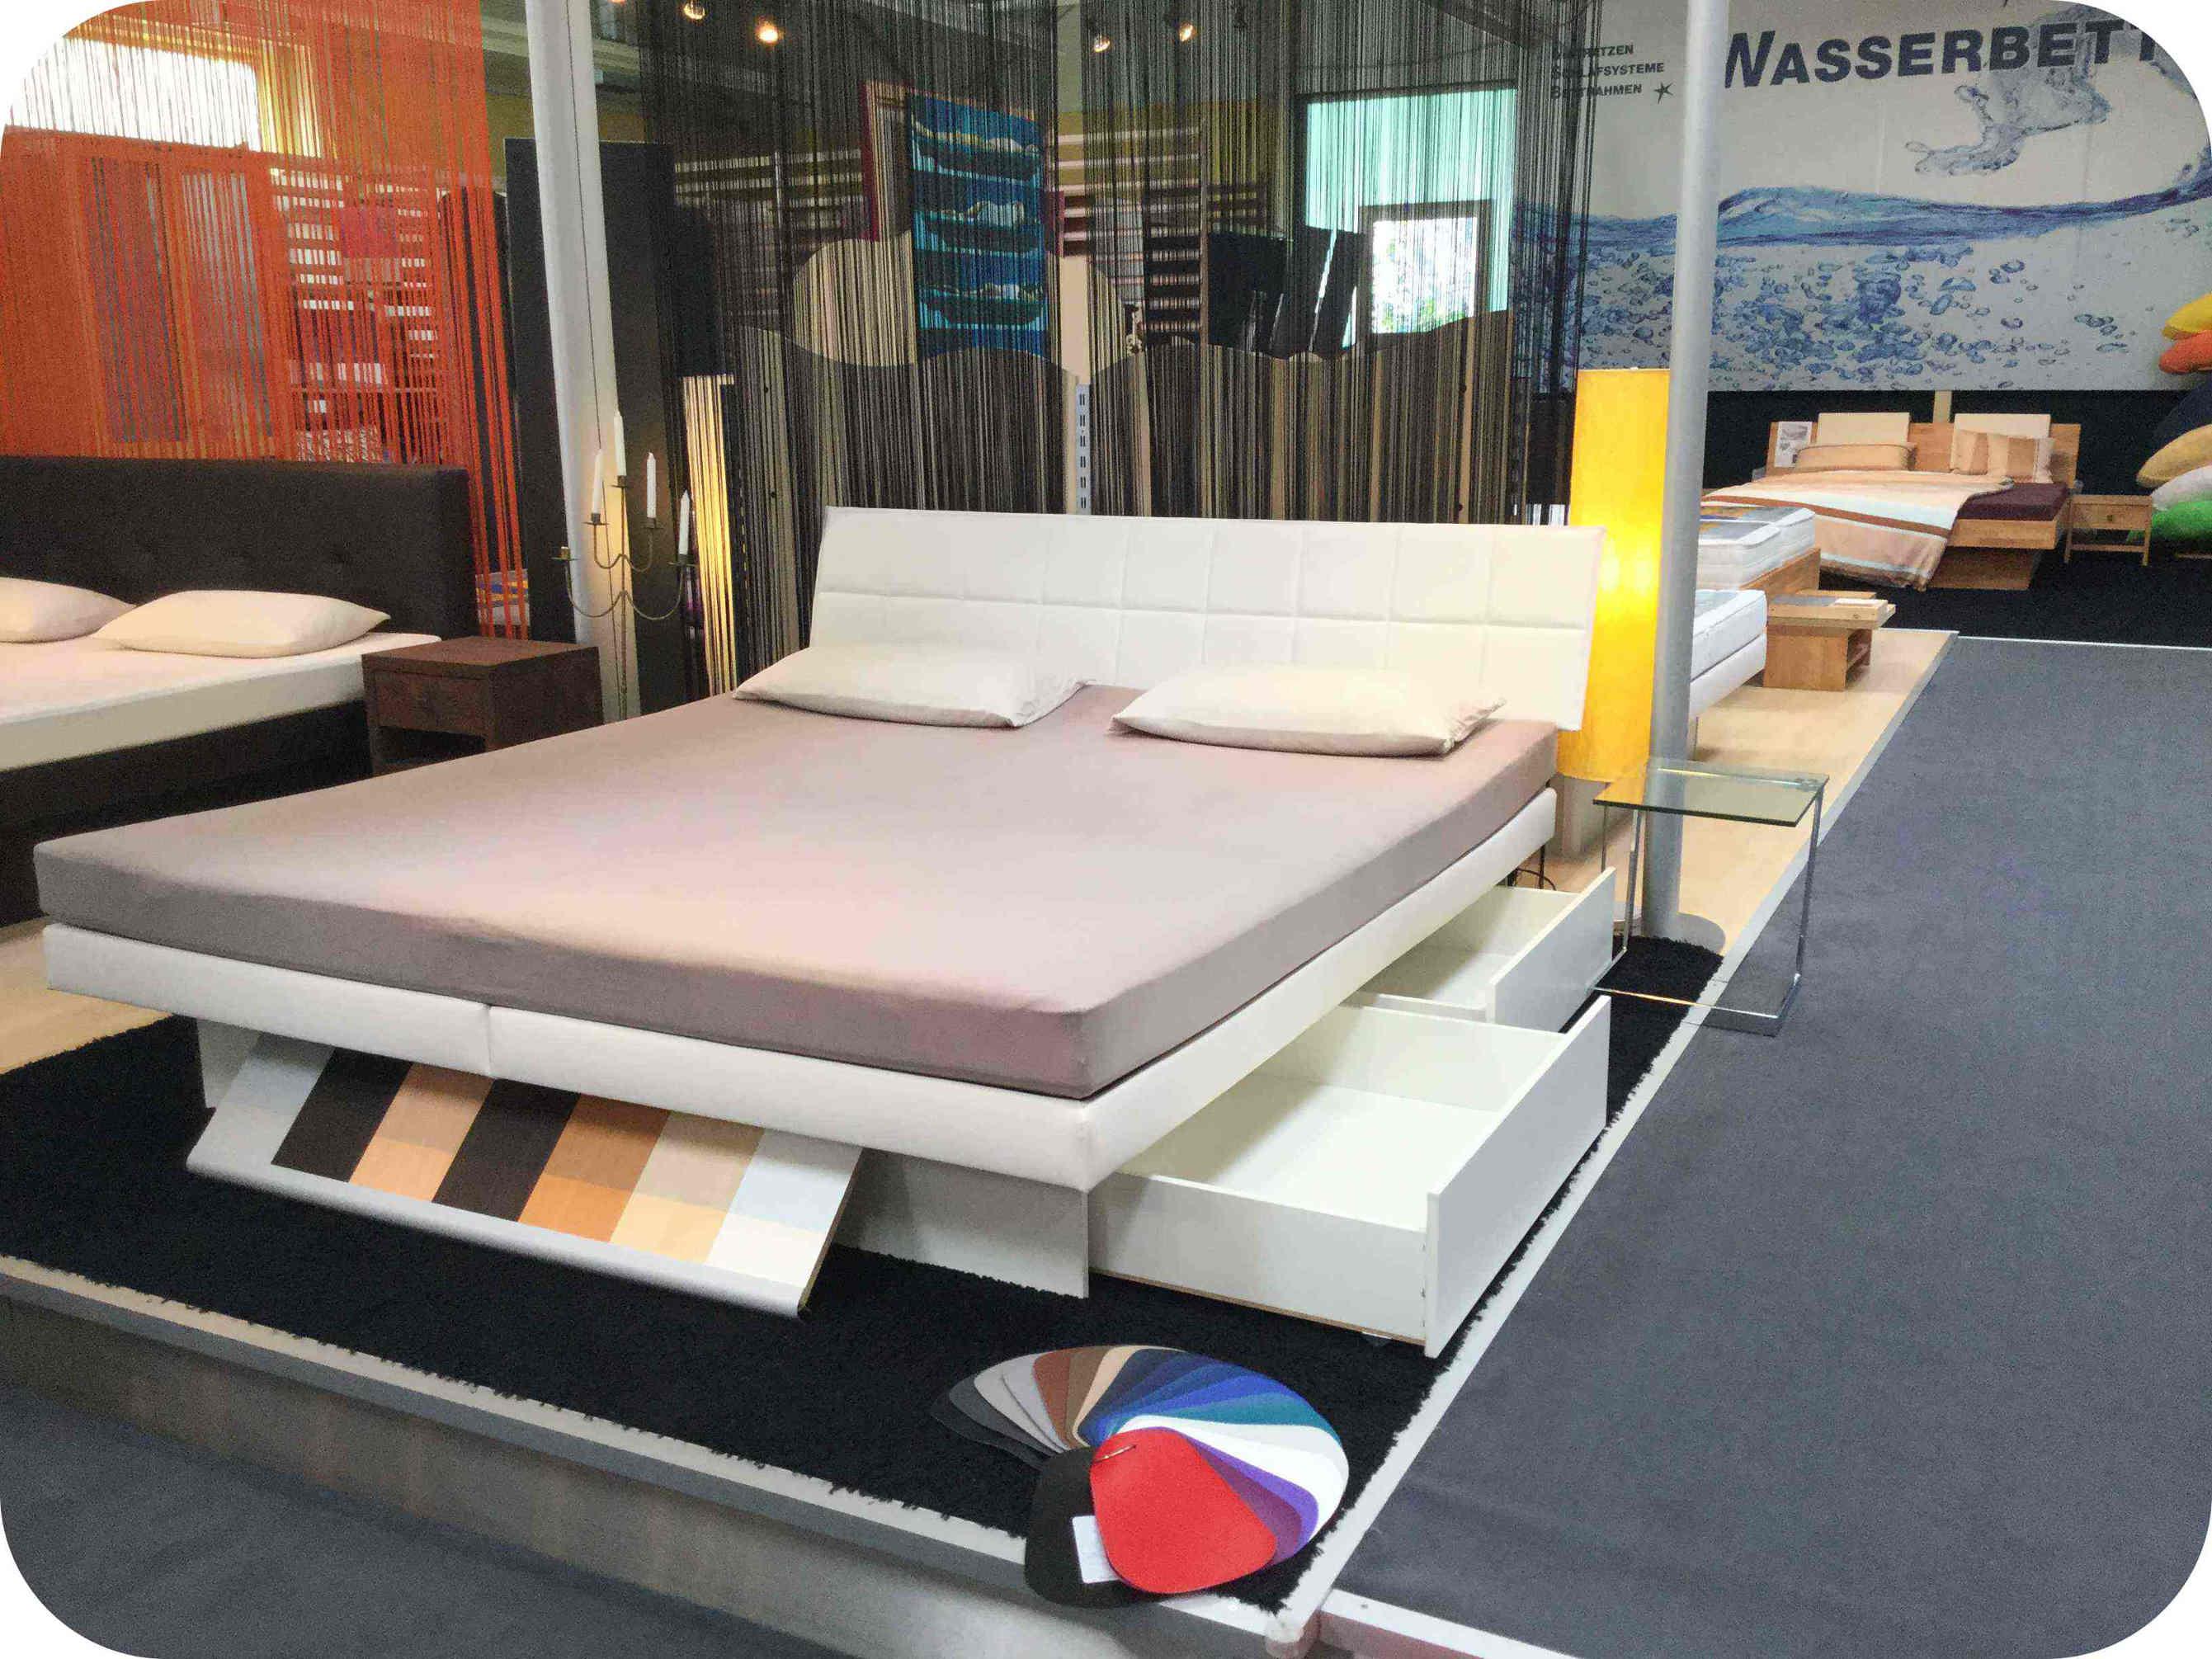 wasserbetten hochwertige matratzen und stilvolle betten. Black Bedroom Furniture Sets. Home Design Ideas